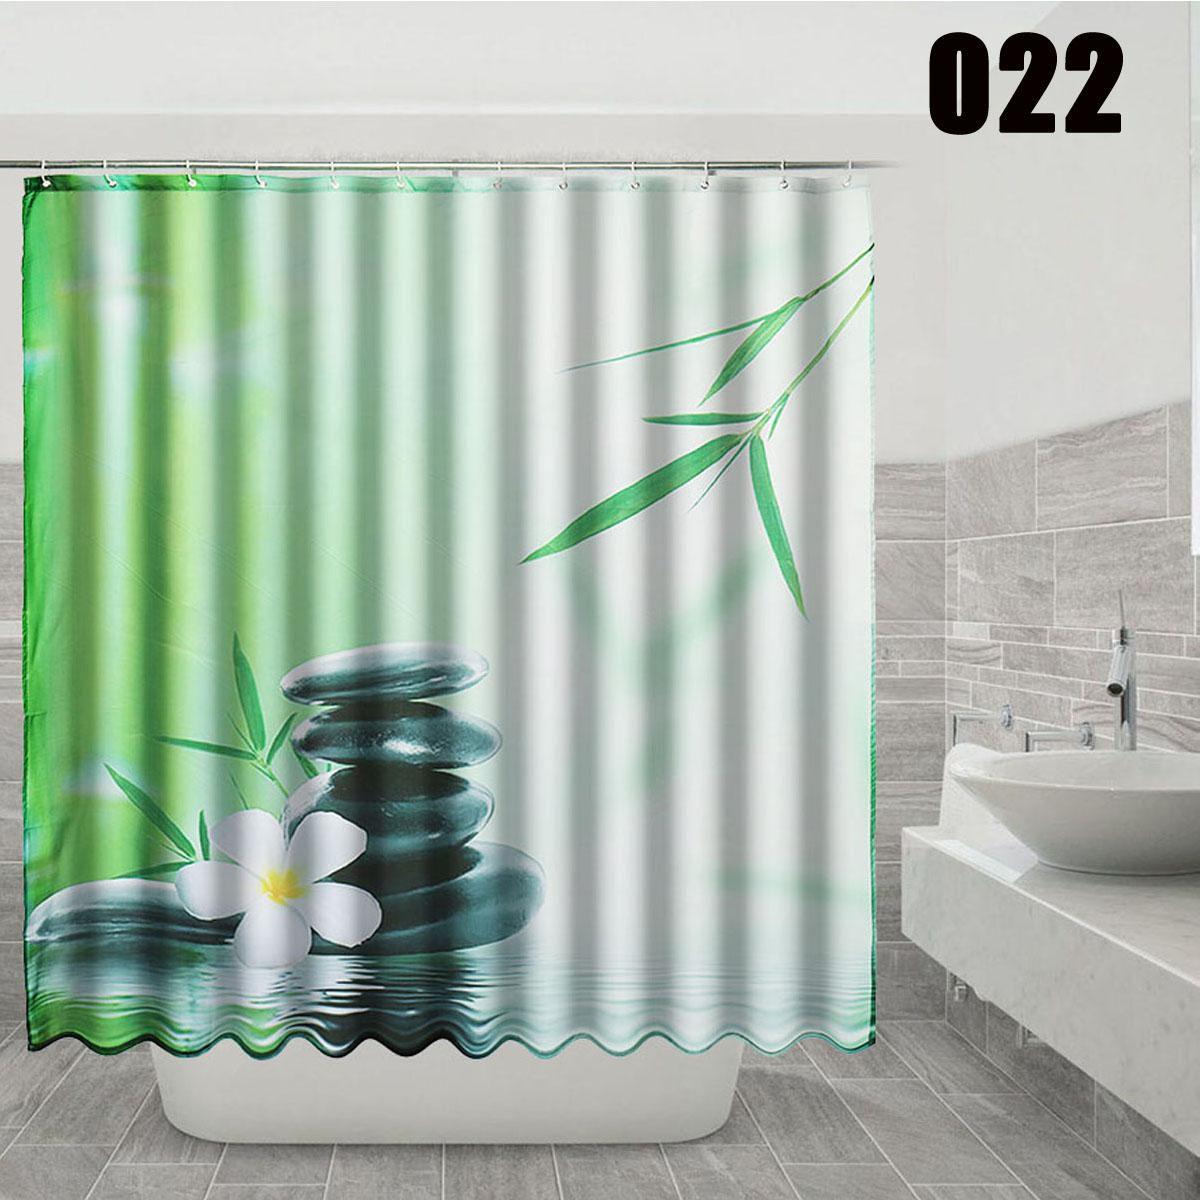 Buy Diy Bathroom Waterproof Shower Curtain 3d 12 Hook Green